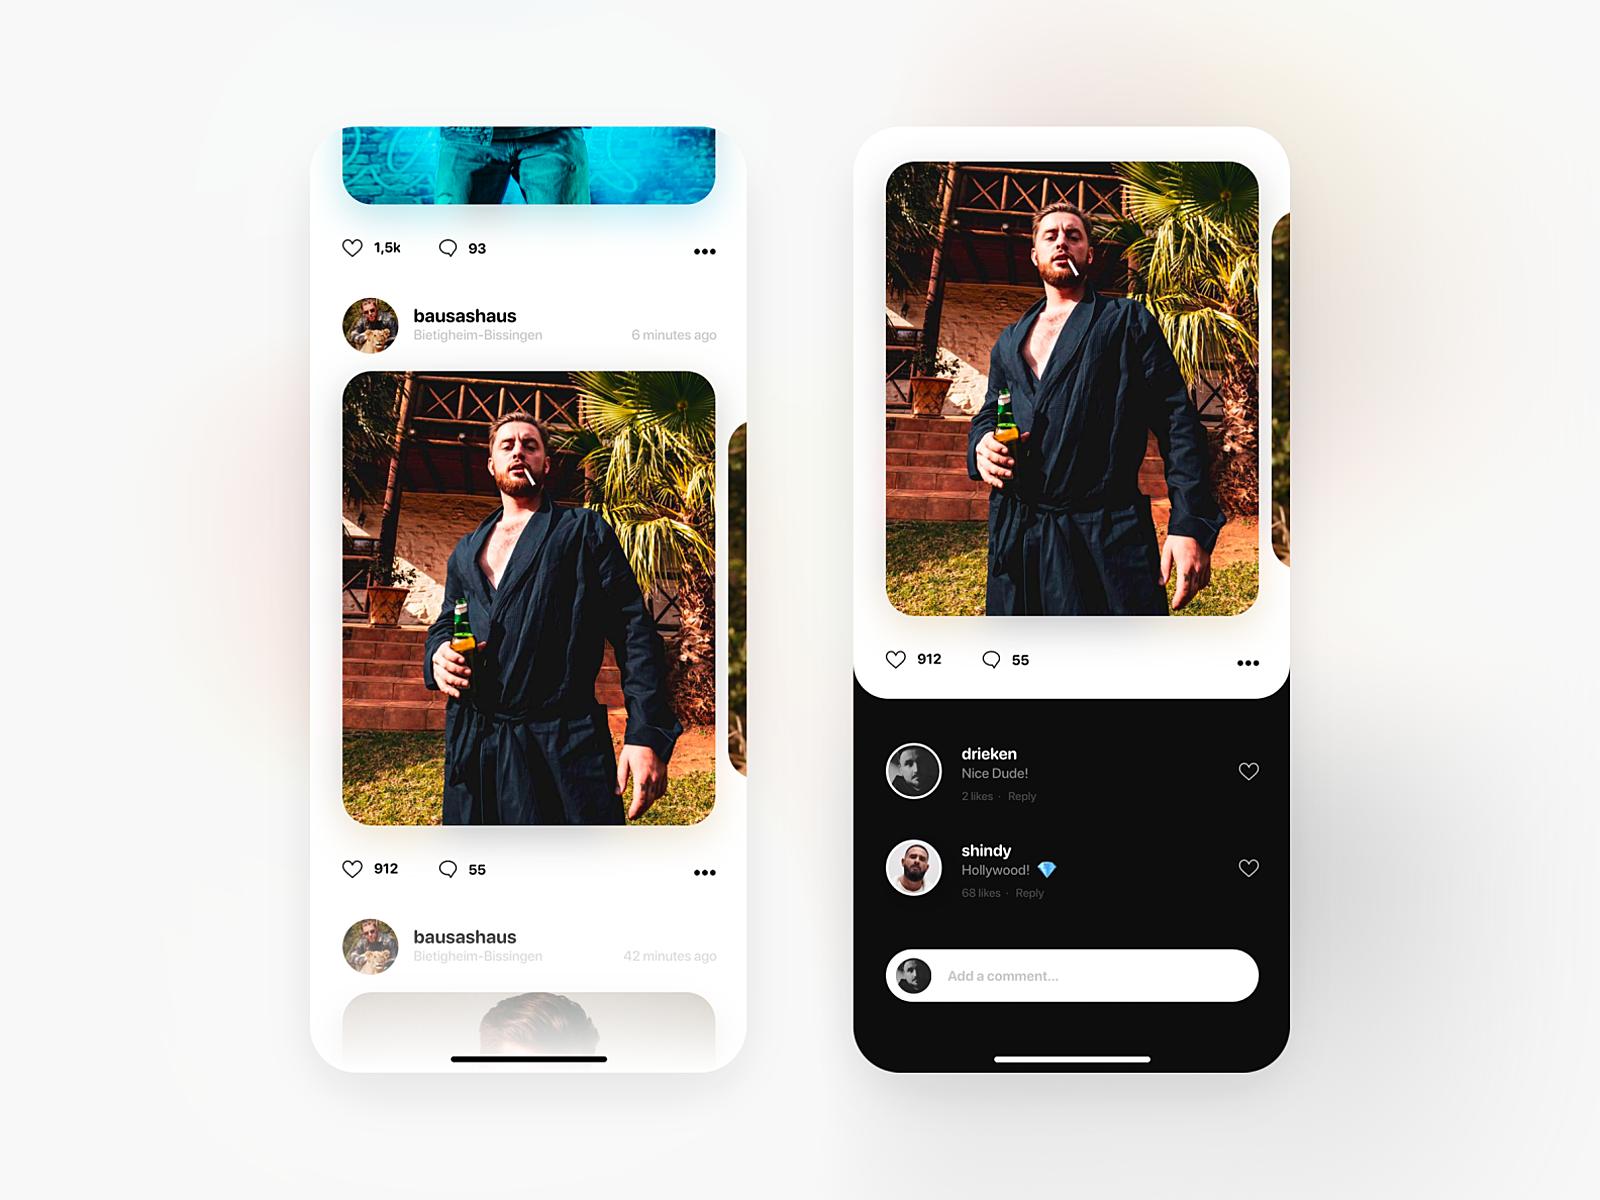 Redesigned Instagram Feed by Dominik Rieken on Dribbble 1600x1200